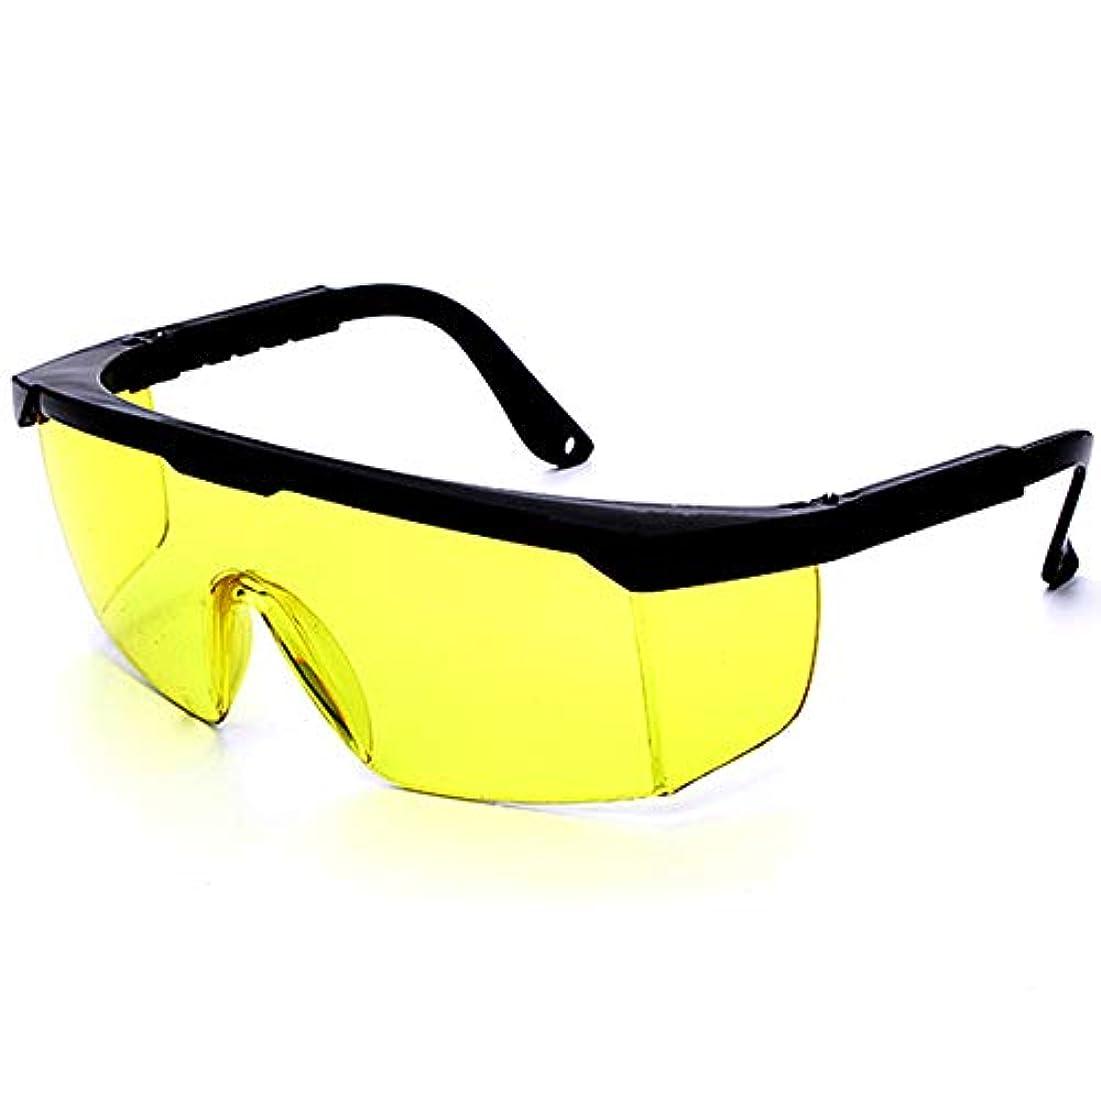 ウィンク無関心ベッドレーザー保護メガネIPL美容機器メガネ、レーザーメガネ - 2組のパルス光保護メガネ。